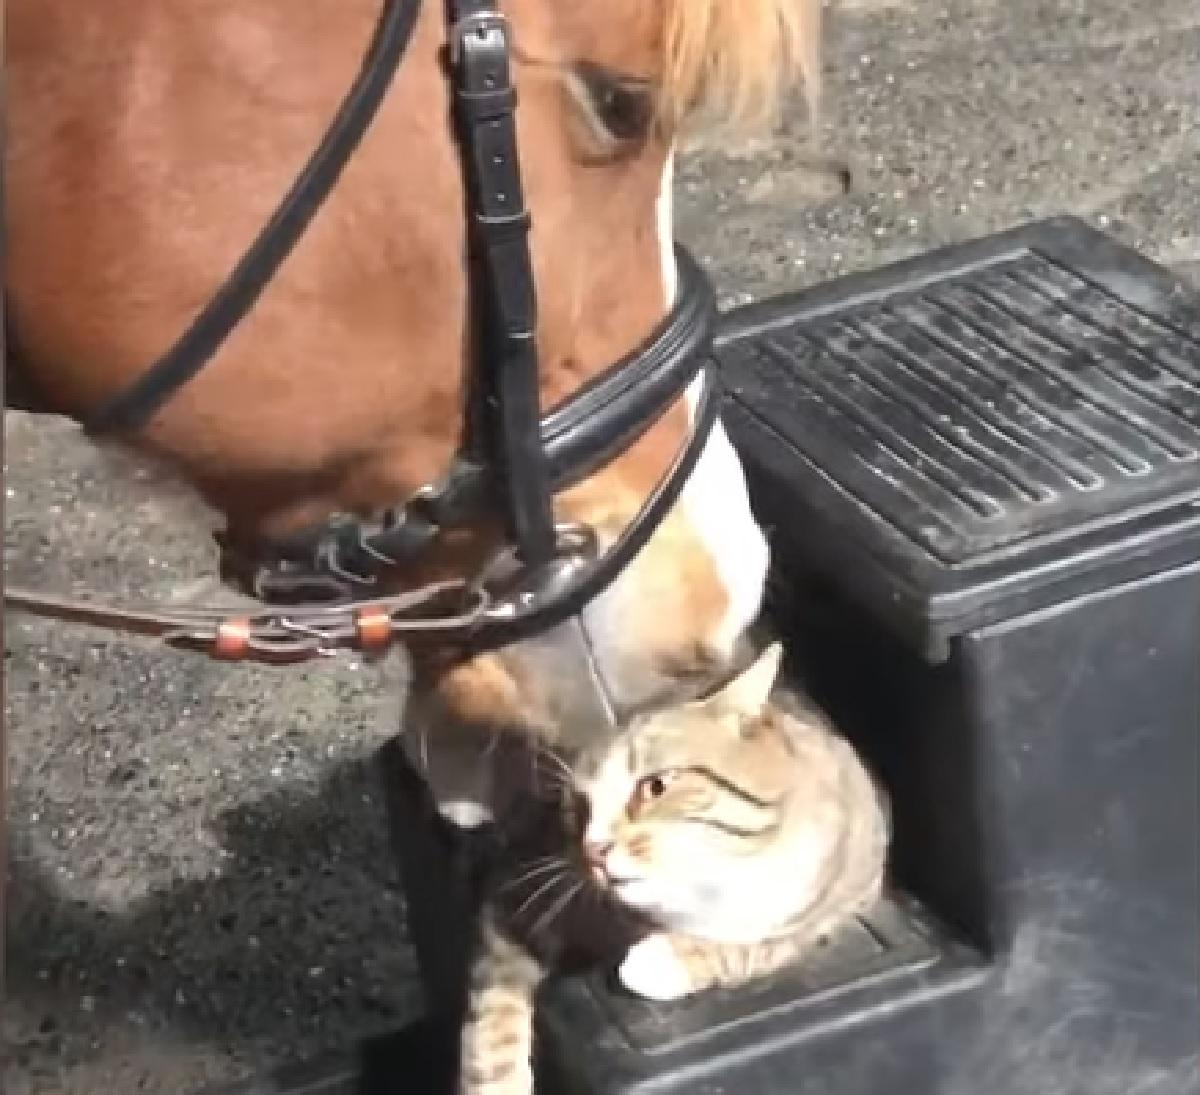 sparrow gattino soriano servizio cavallo